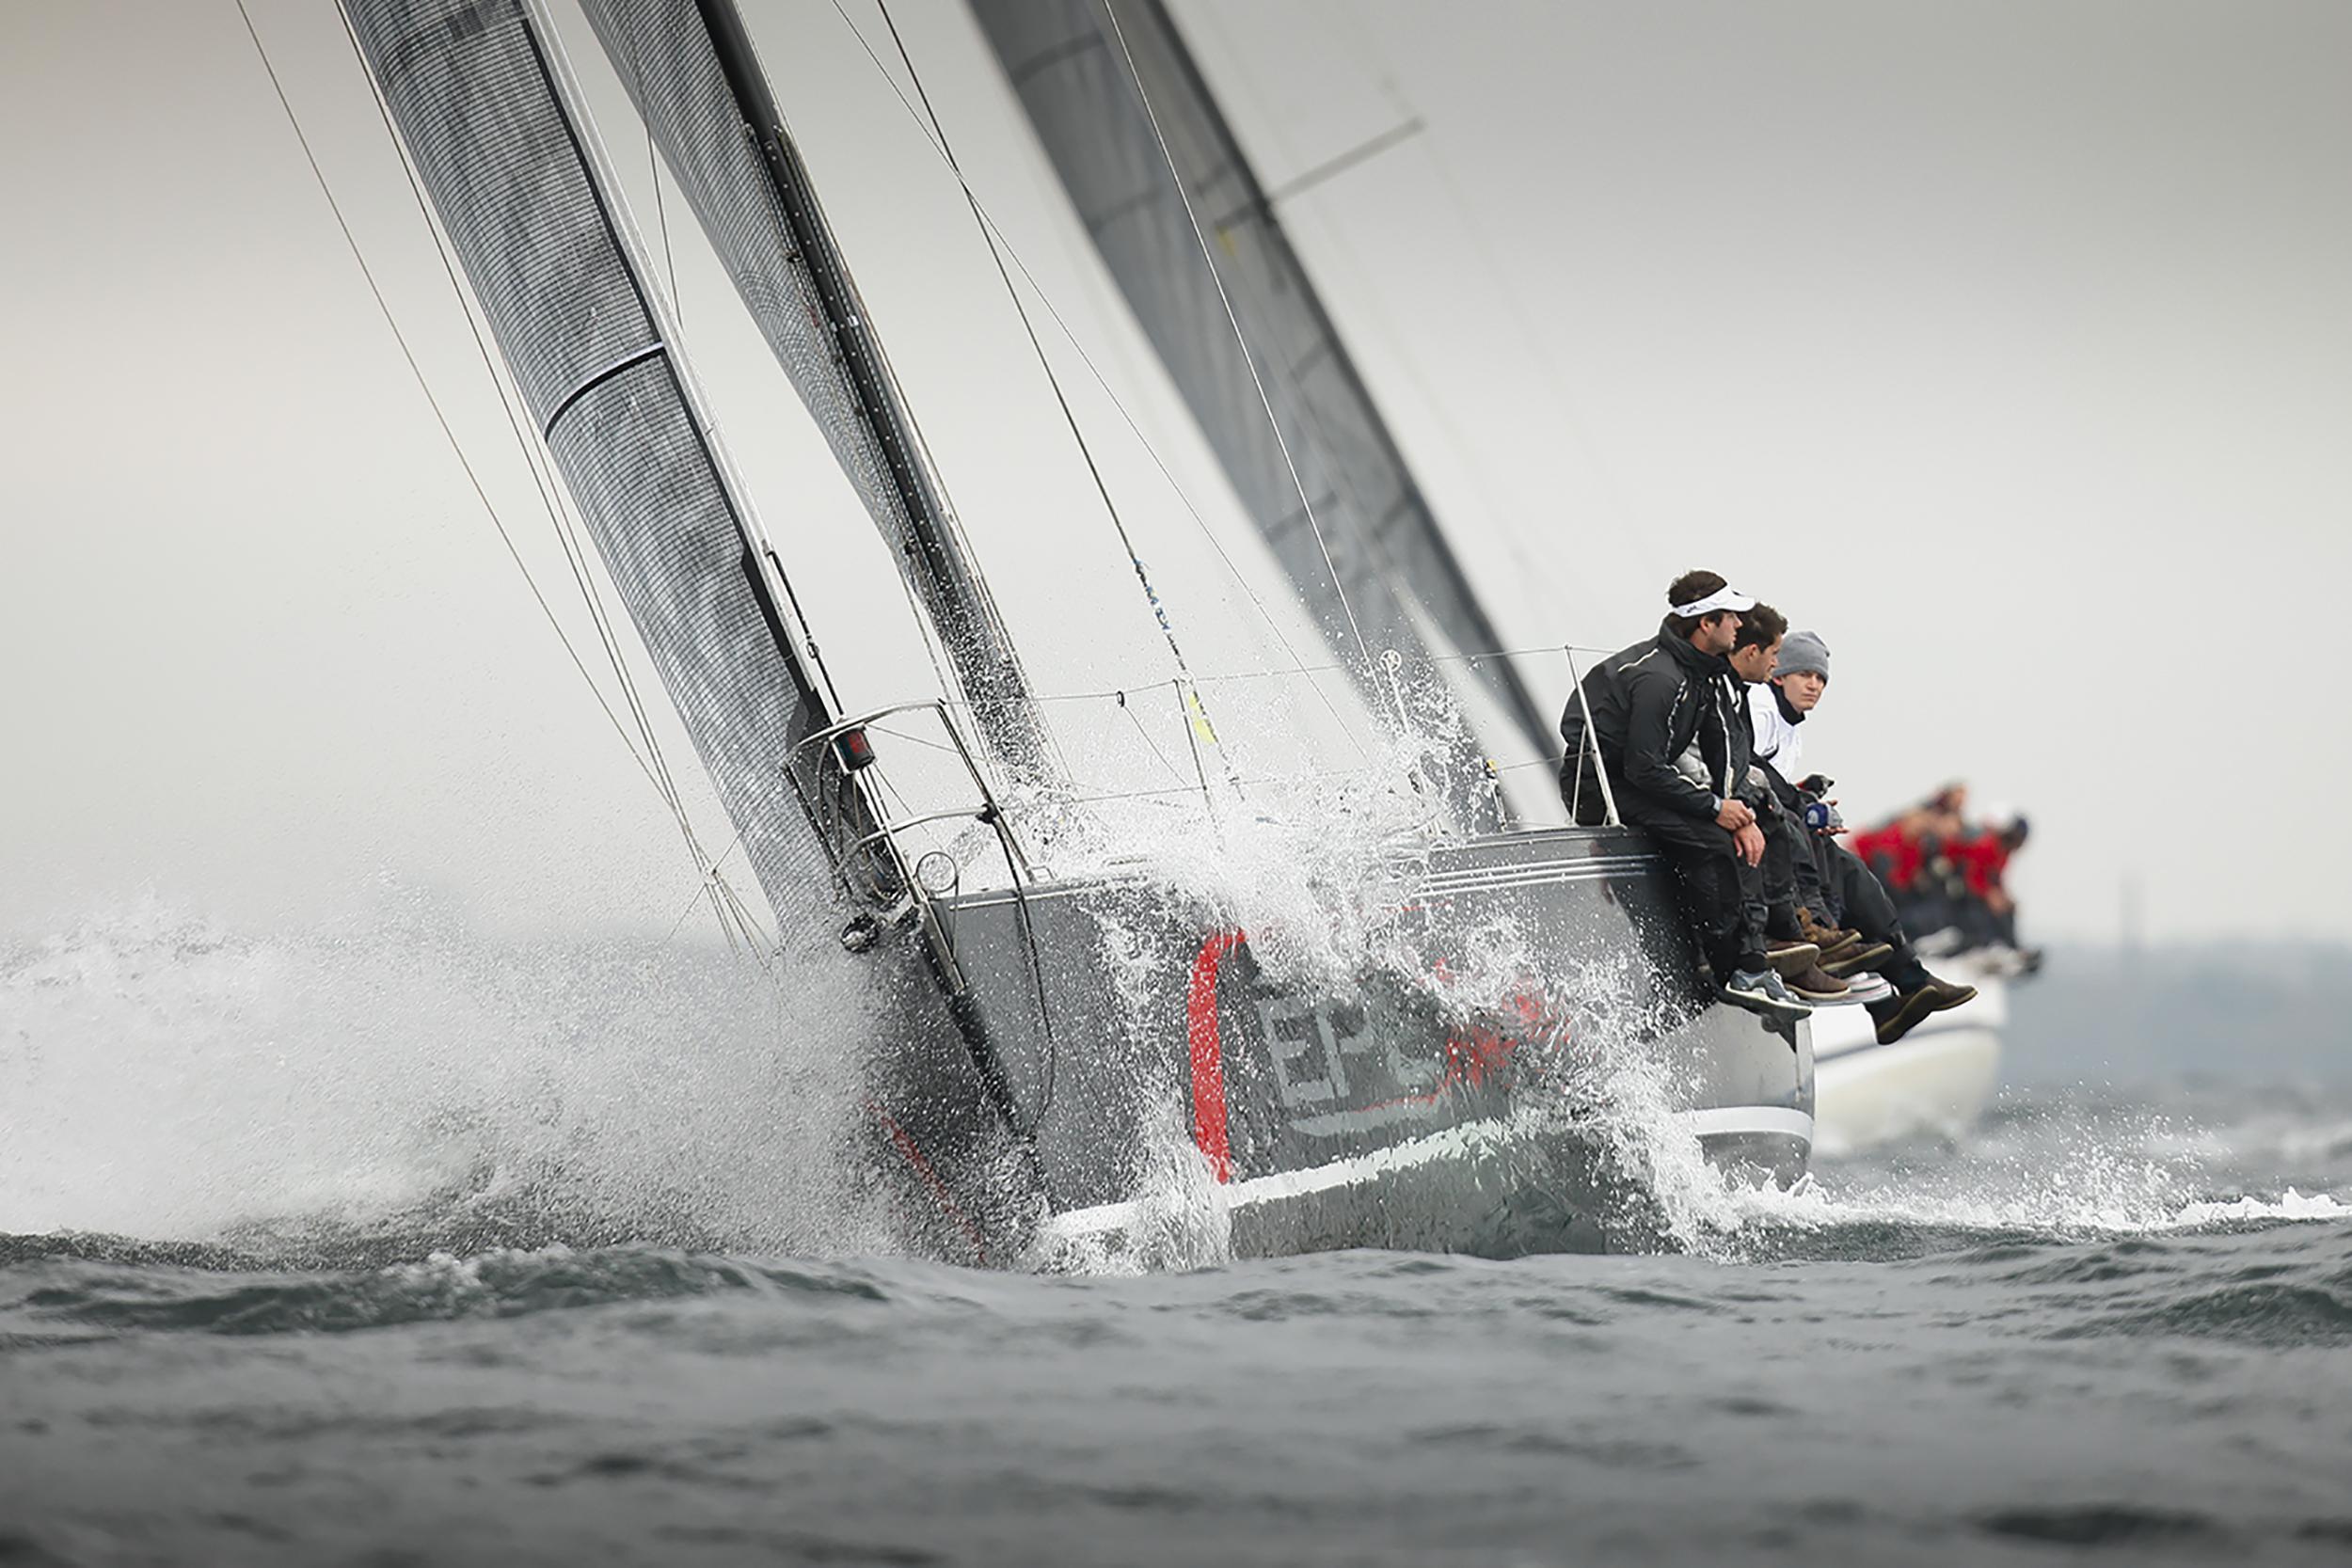 RaceRigtig20121014-Mick-0283